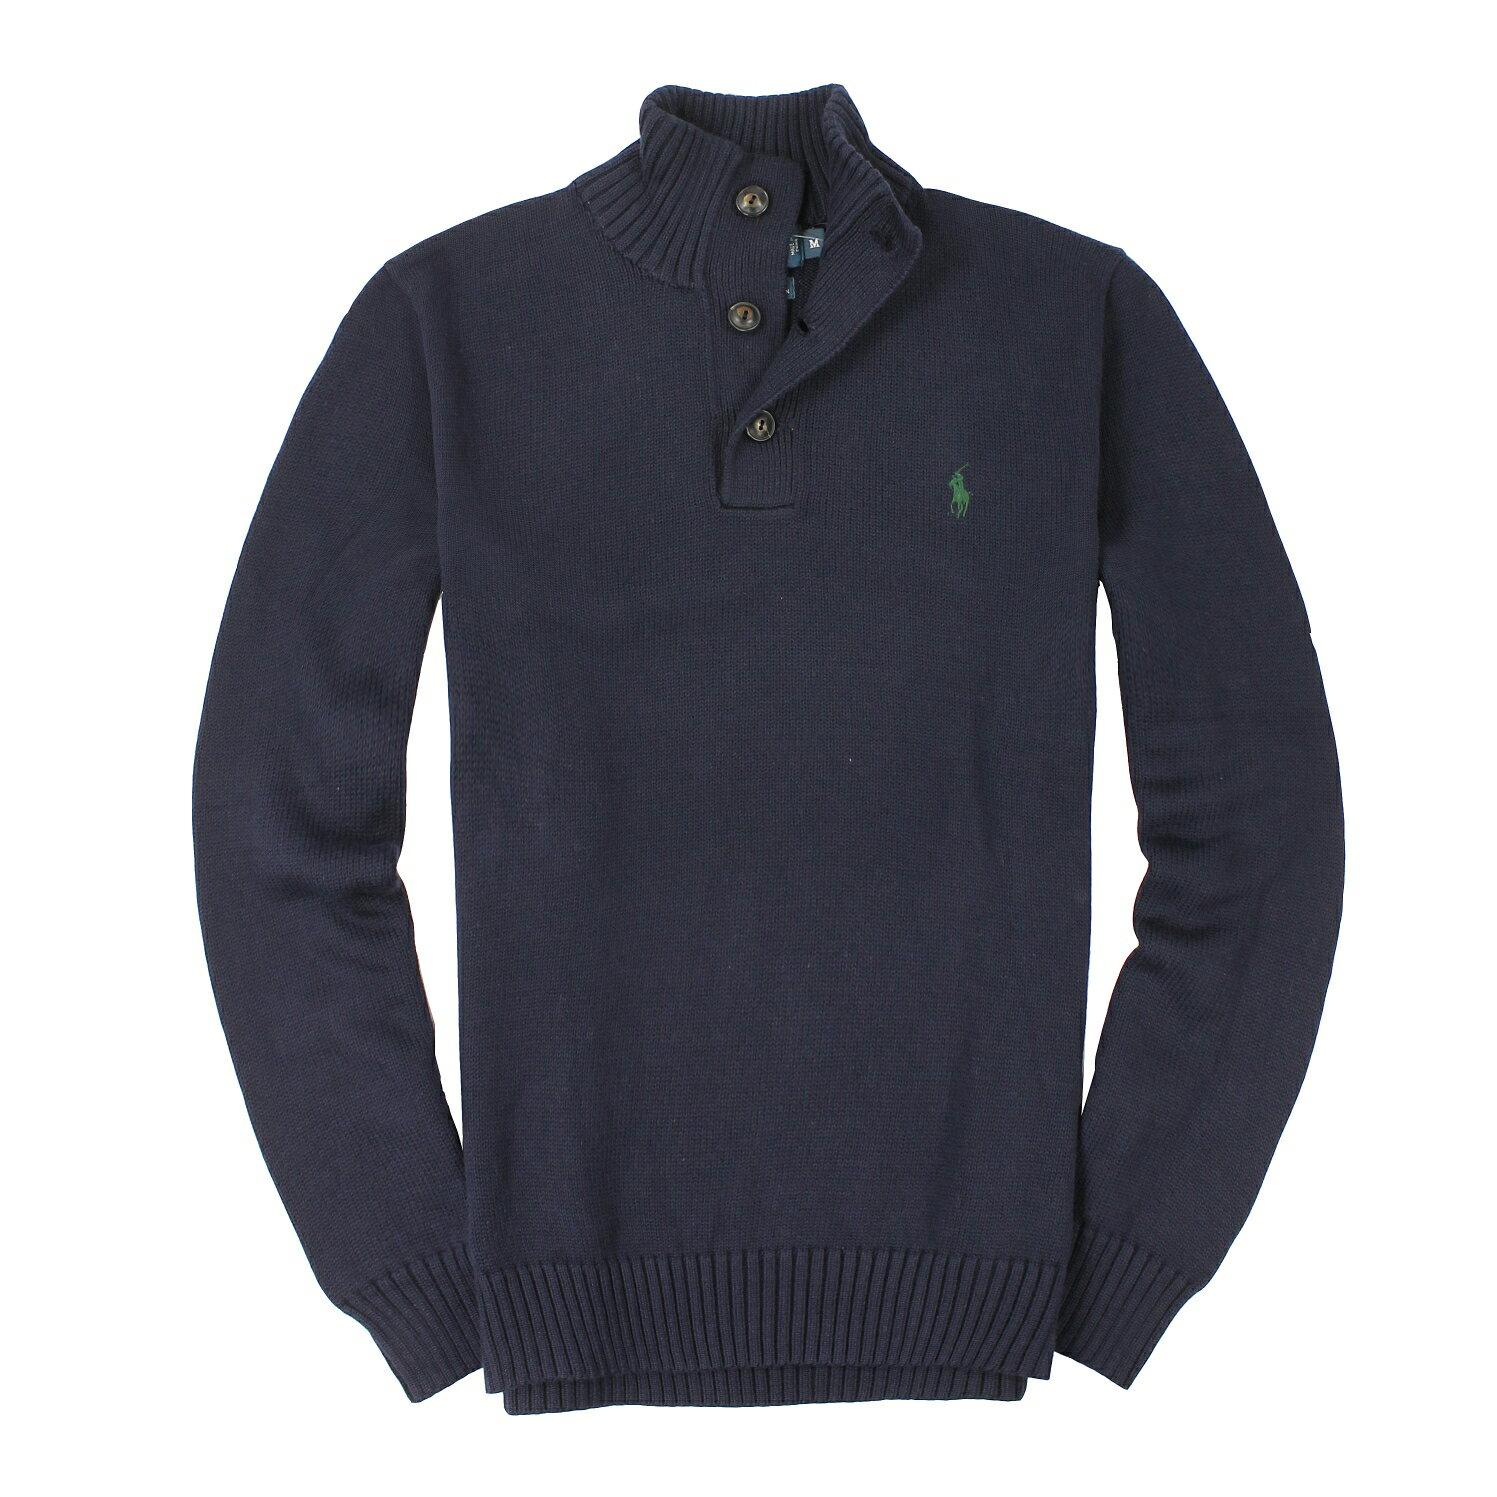 美國百分百【全新真品】Ralph Lauren 針織衫 RL 線衫 Polo 小馬 深藍 半拉 厚棉 鈕扣 男 M號 A068